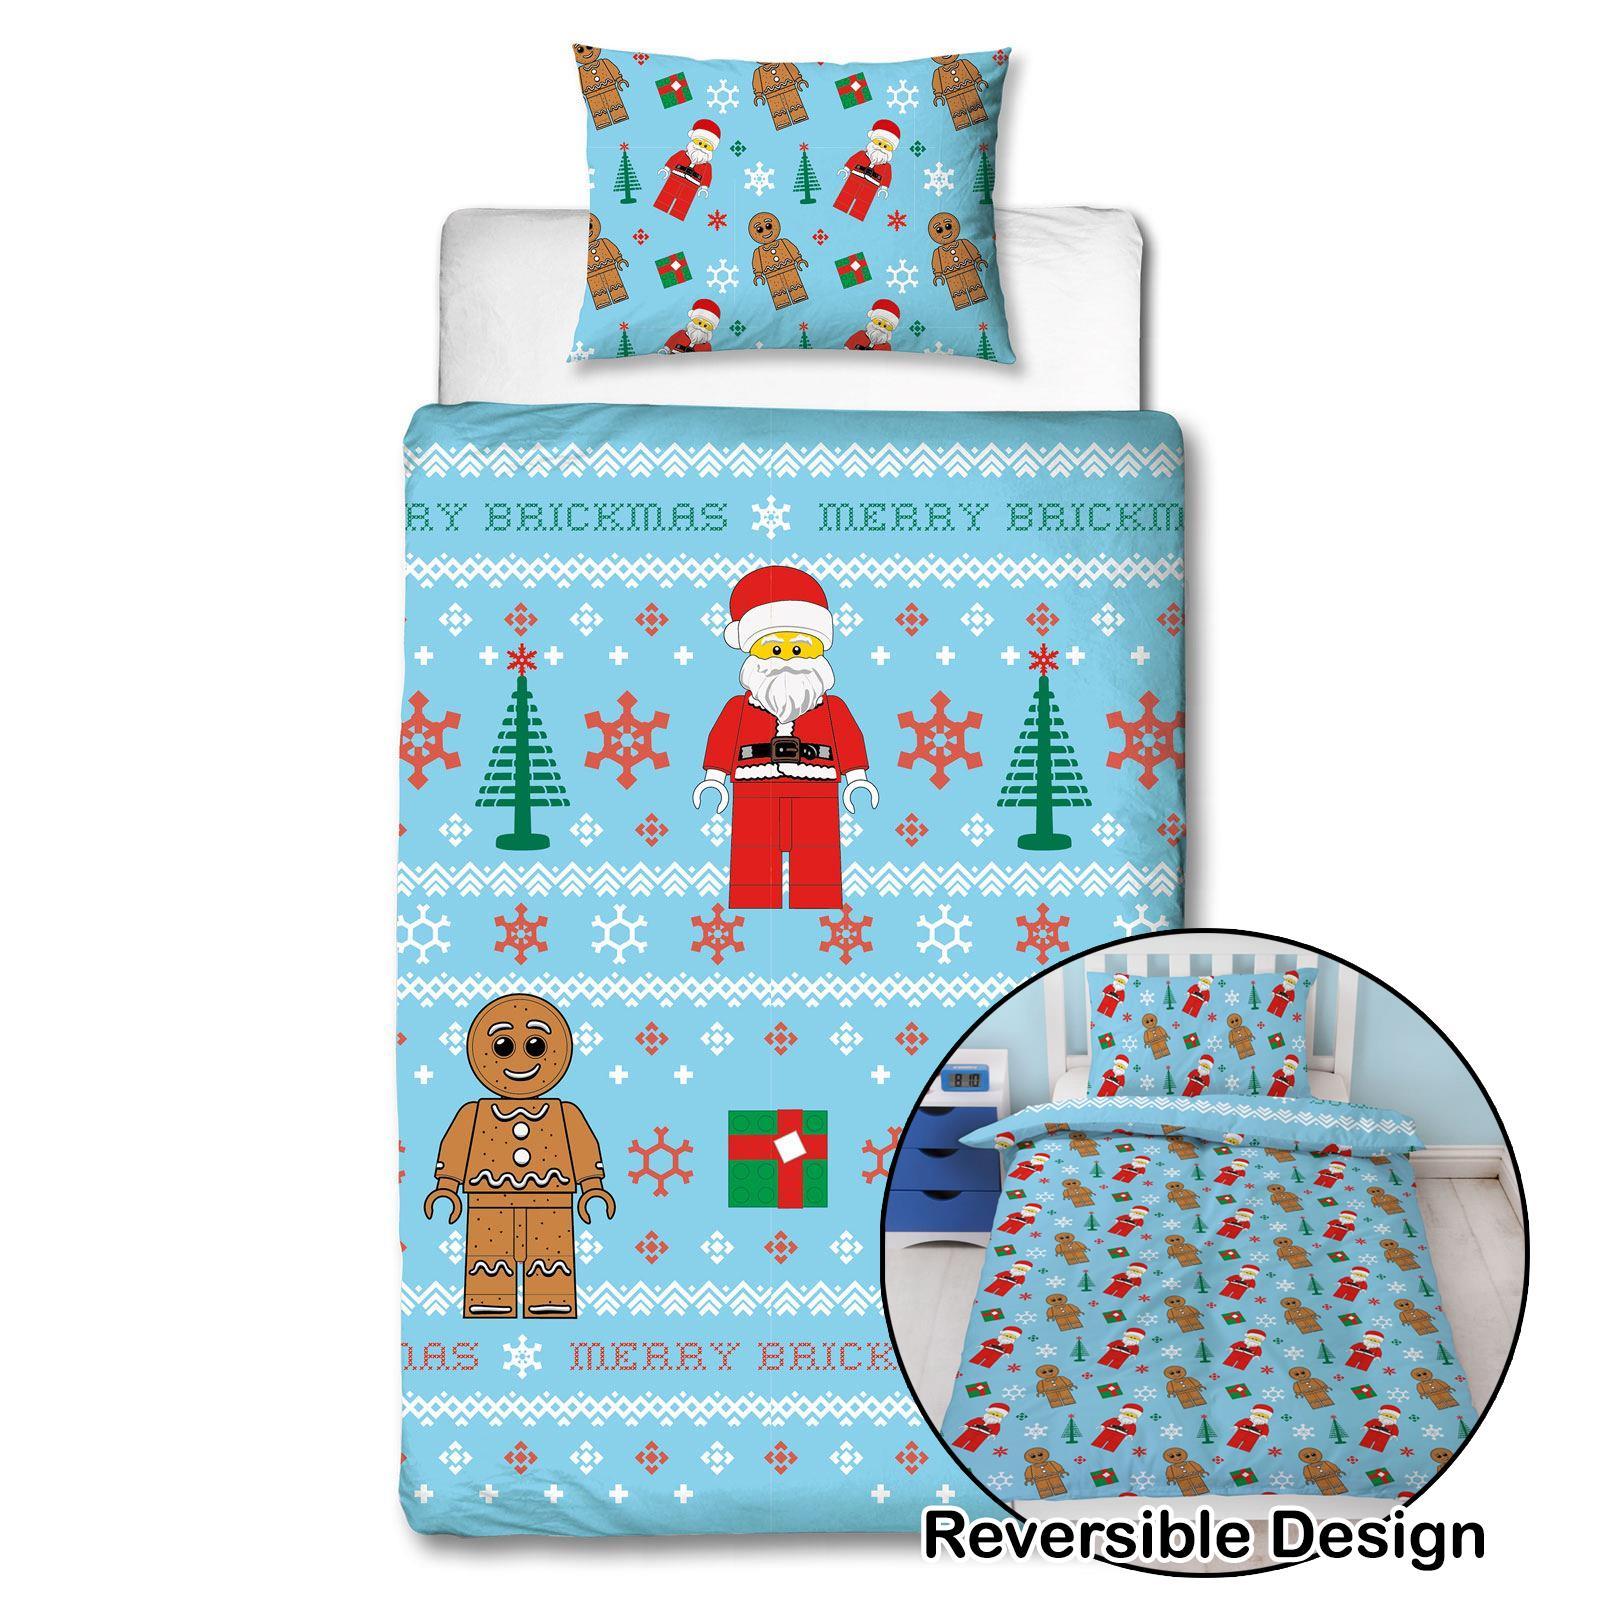 Indexbild 41 - Kinder Weihnachten Bettbezug Sets - Junior Einzel Doppel King - Elf Emoji Grinch